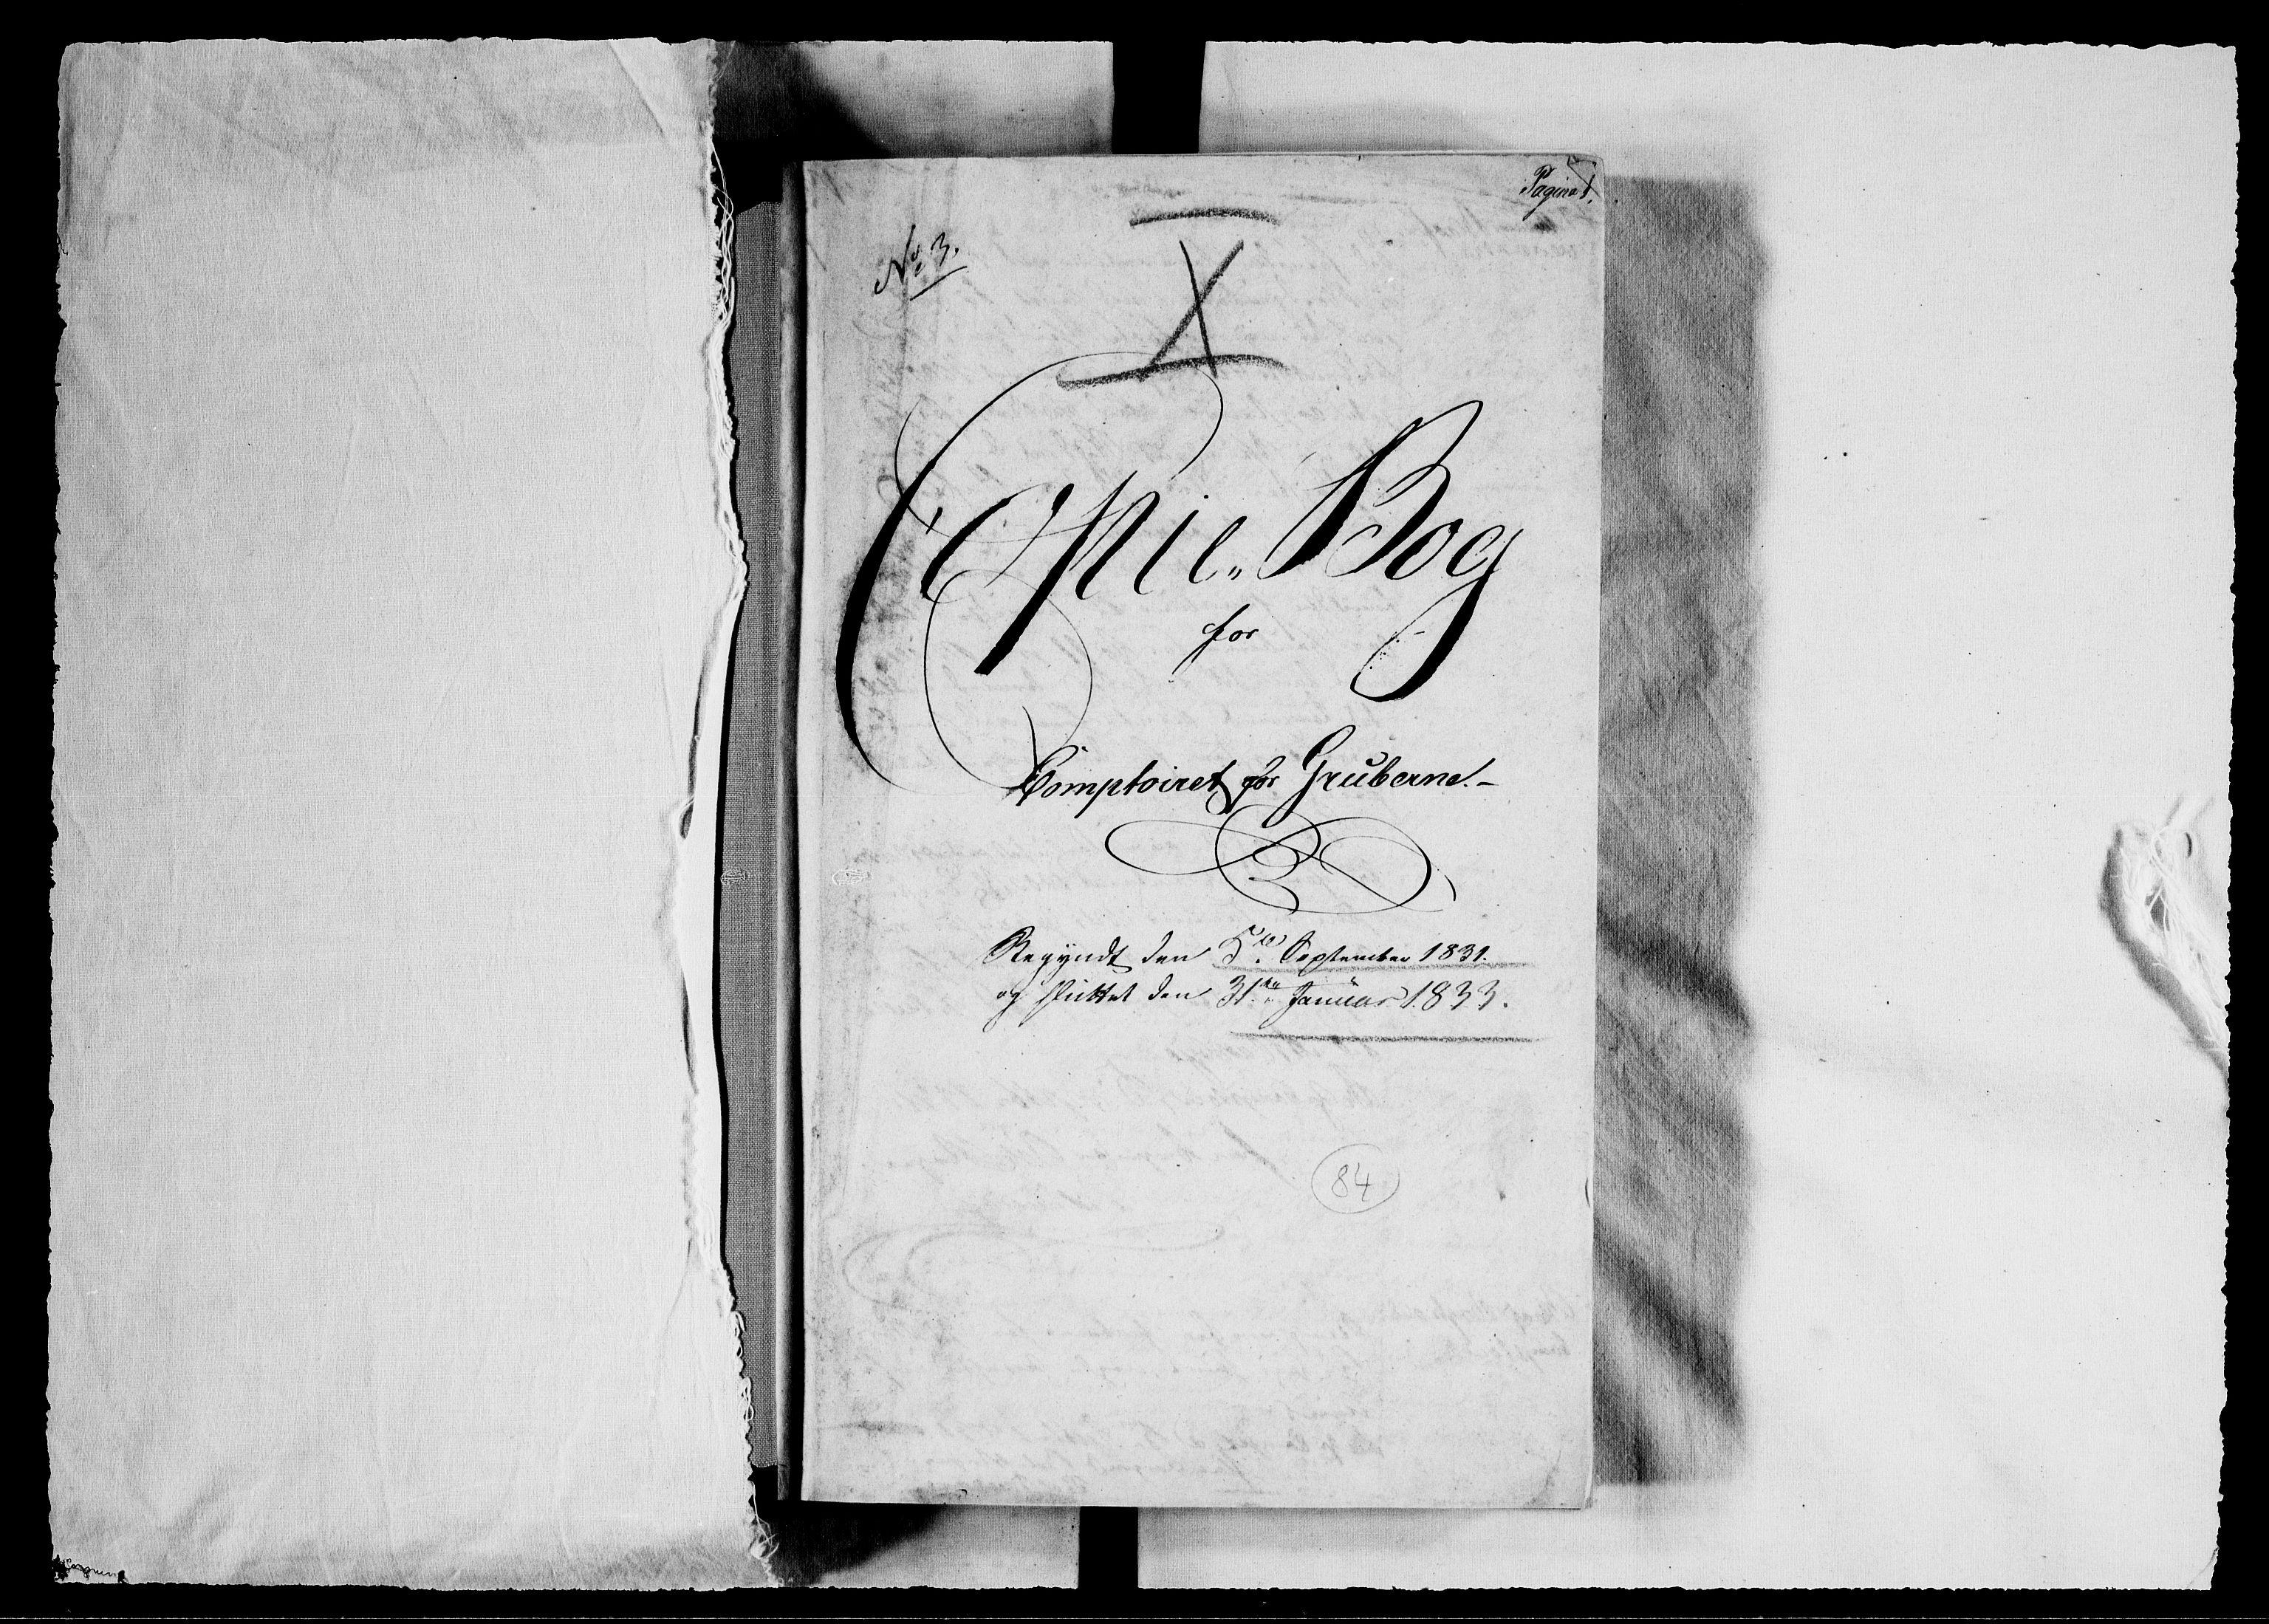 RA, Modums Blaafarveværk, G/Gb/L0084, 1831-1833, s. 2